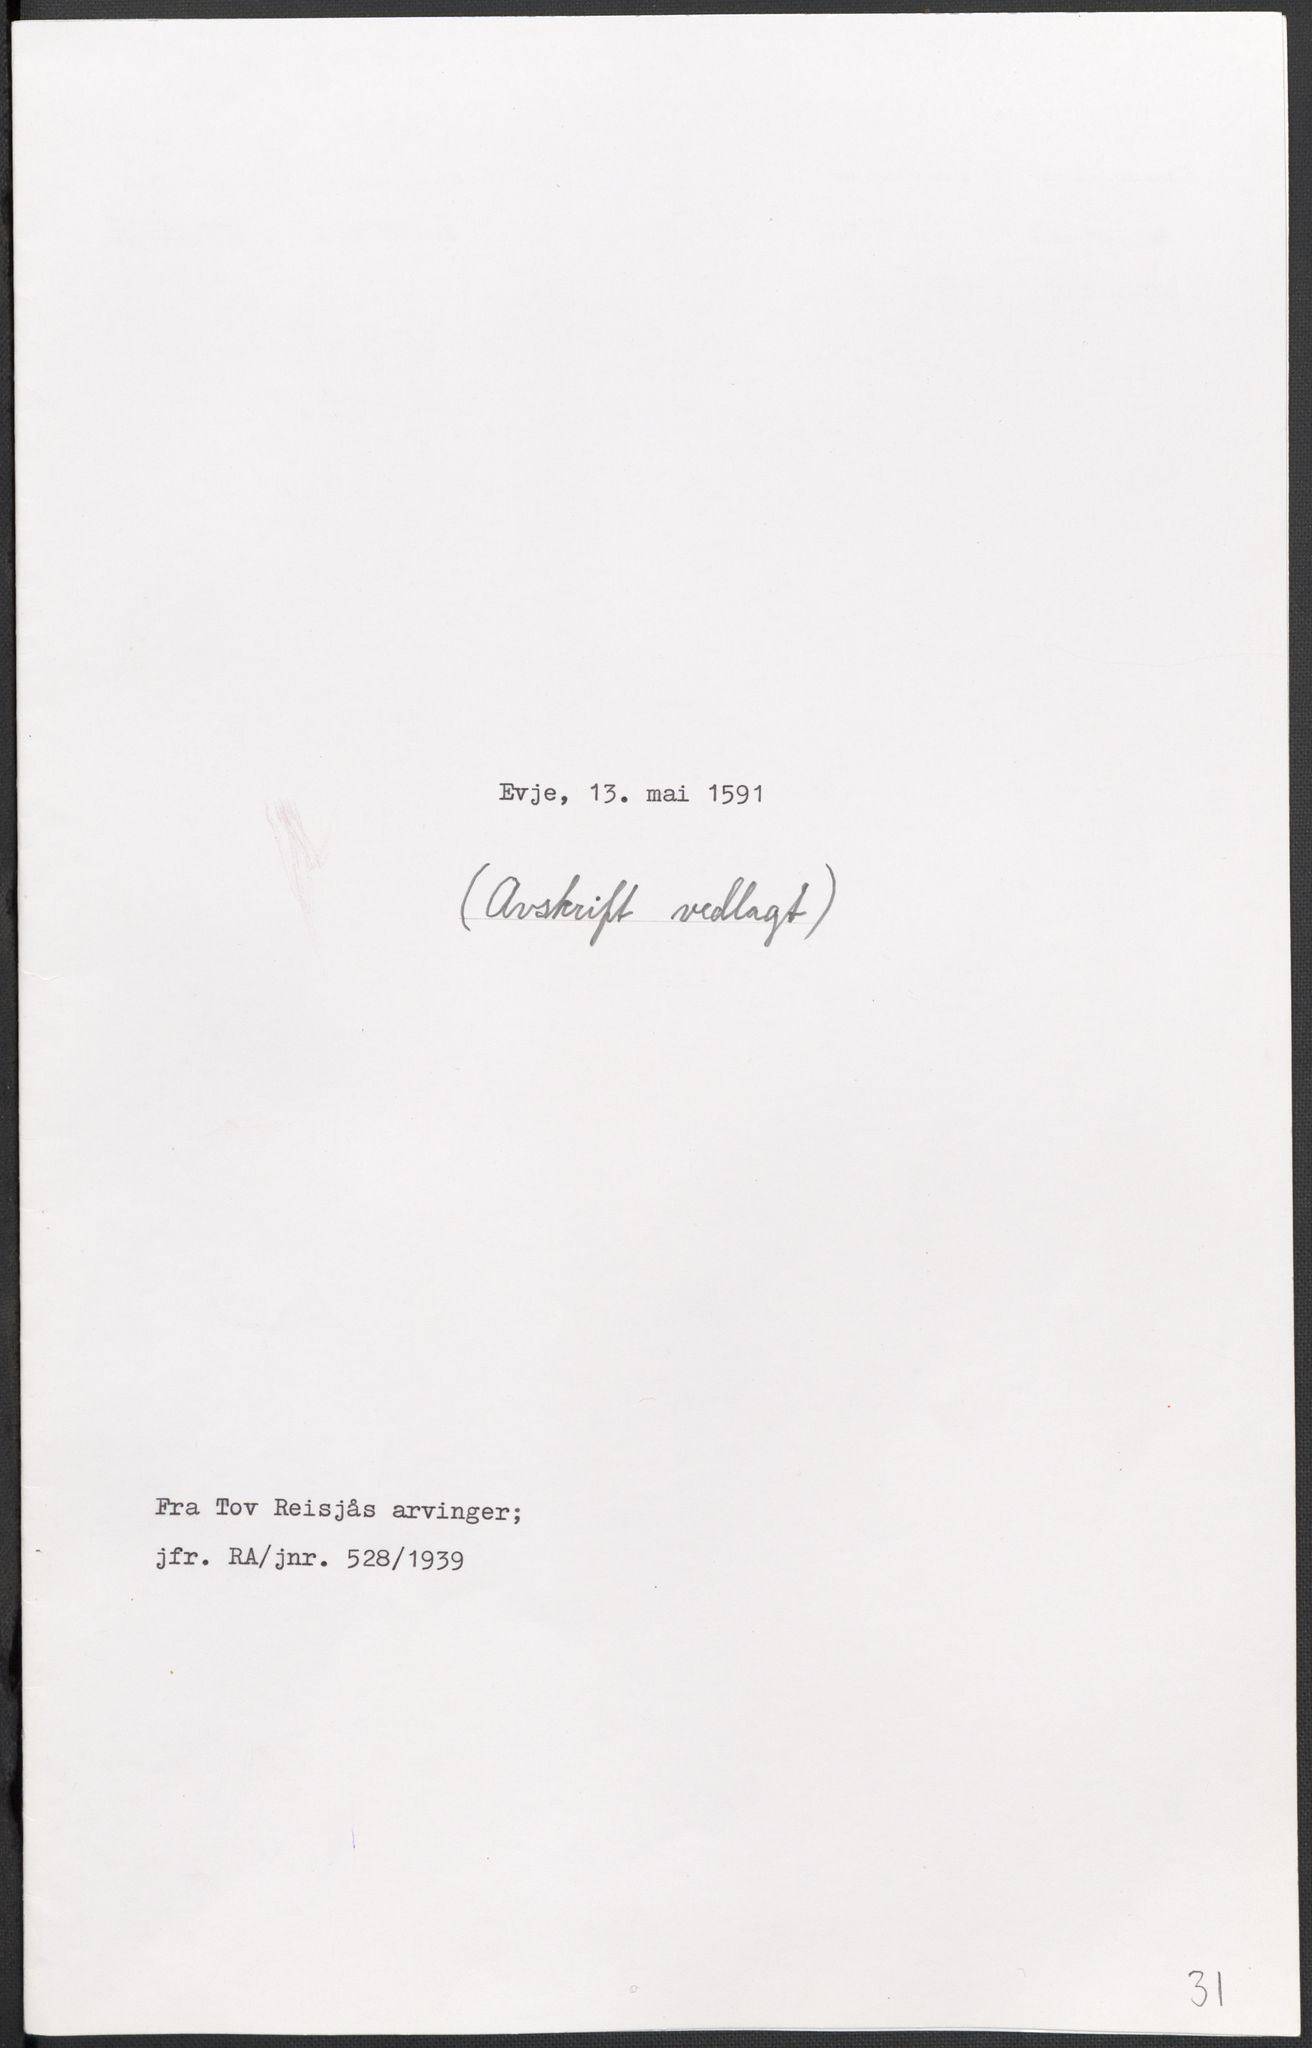 RA, Riksarkivets diplomsamling, F02/L0093: Dokumenter, 1591, s. 84